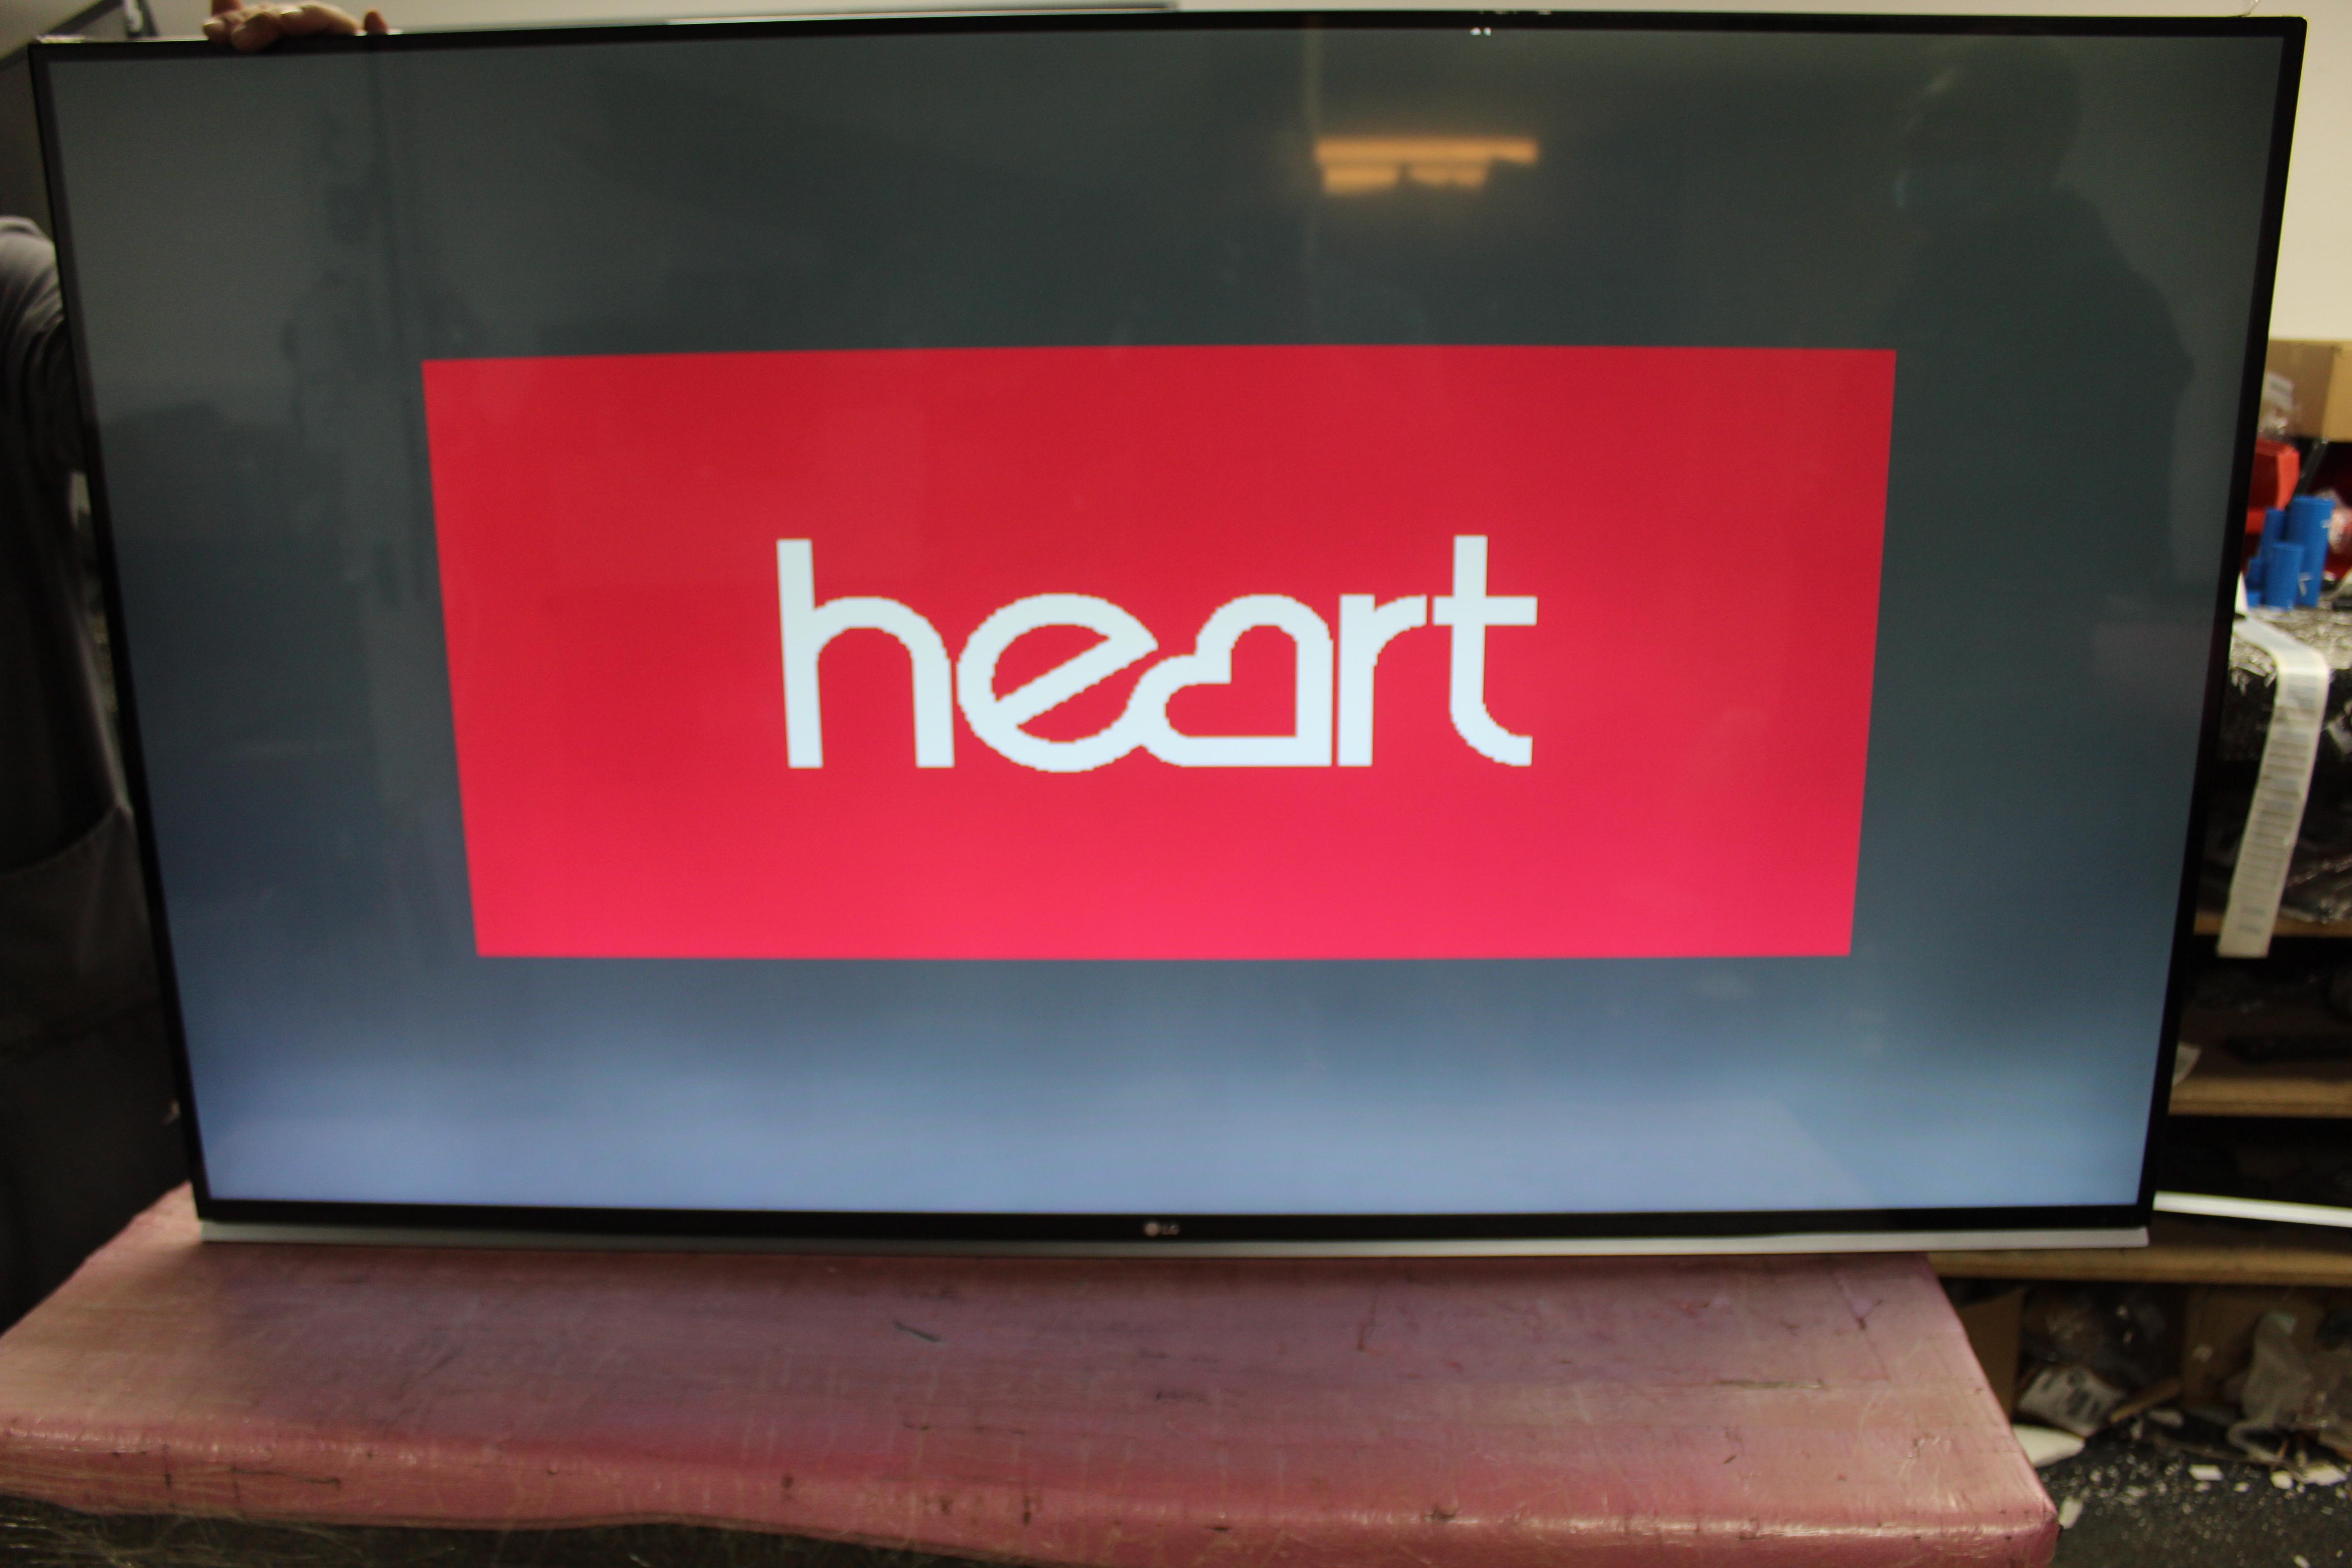 60 LG 60UF850V 4k Ultra HD Freeview HD Smart 3D LED TV